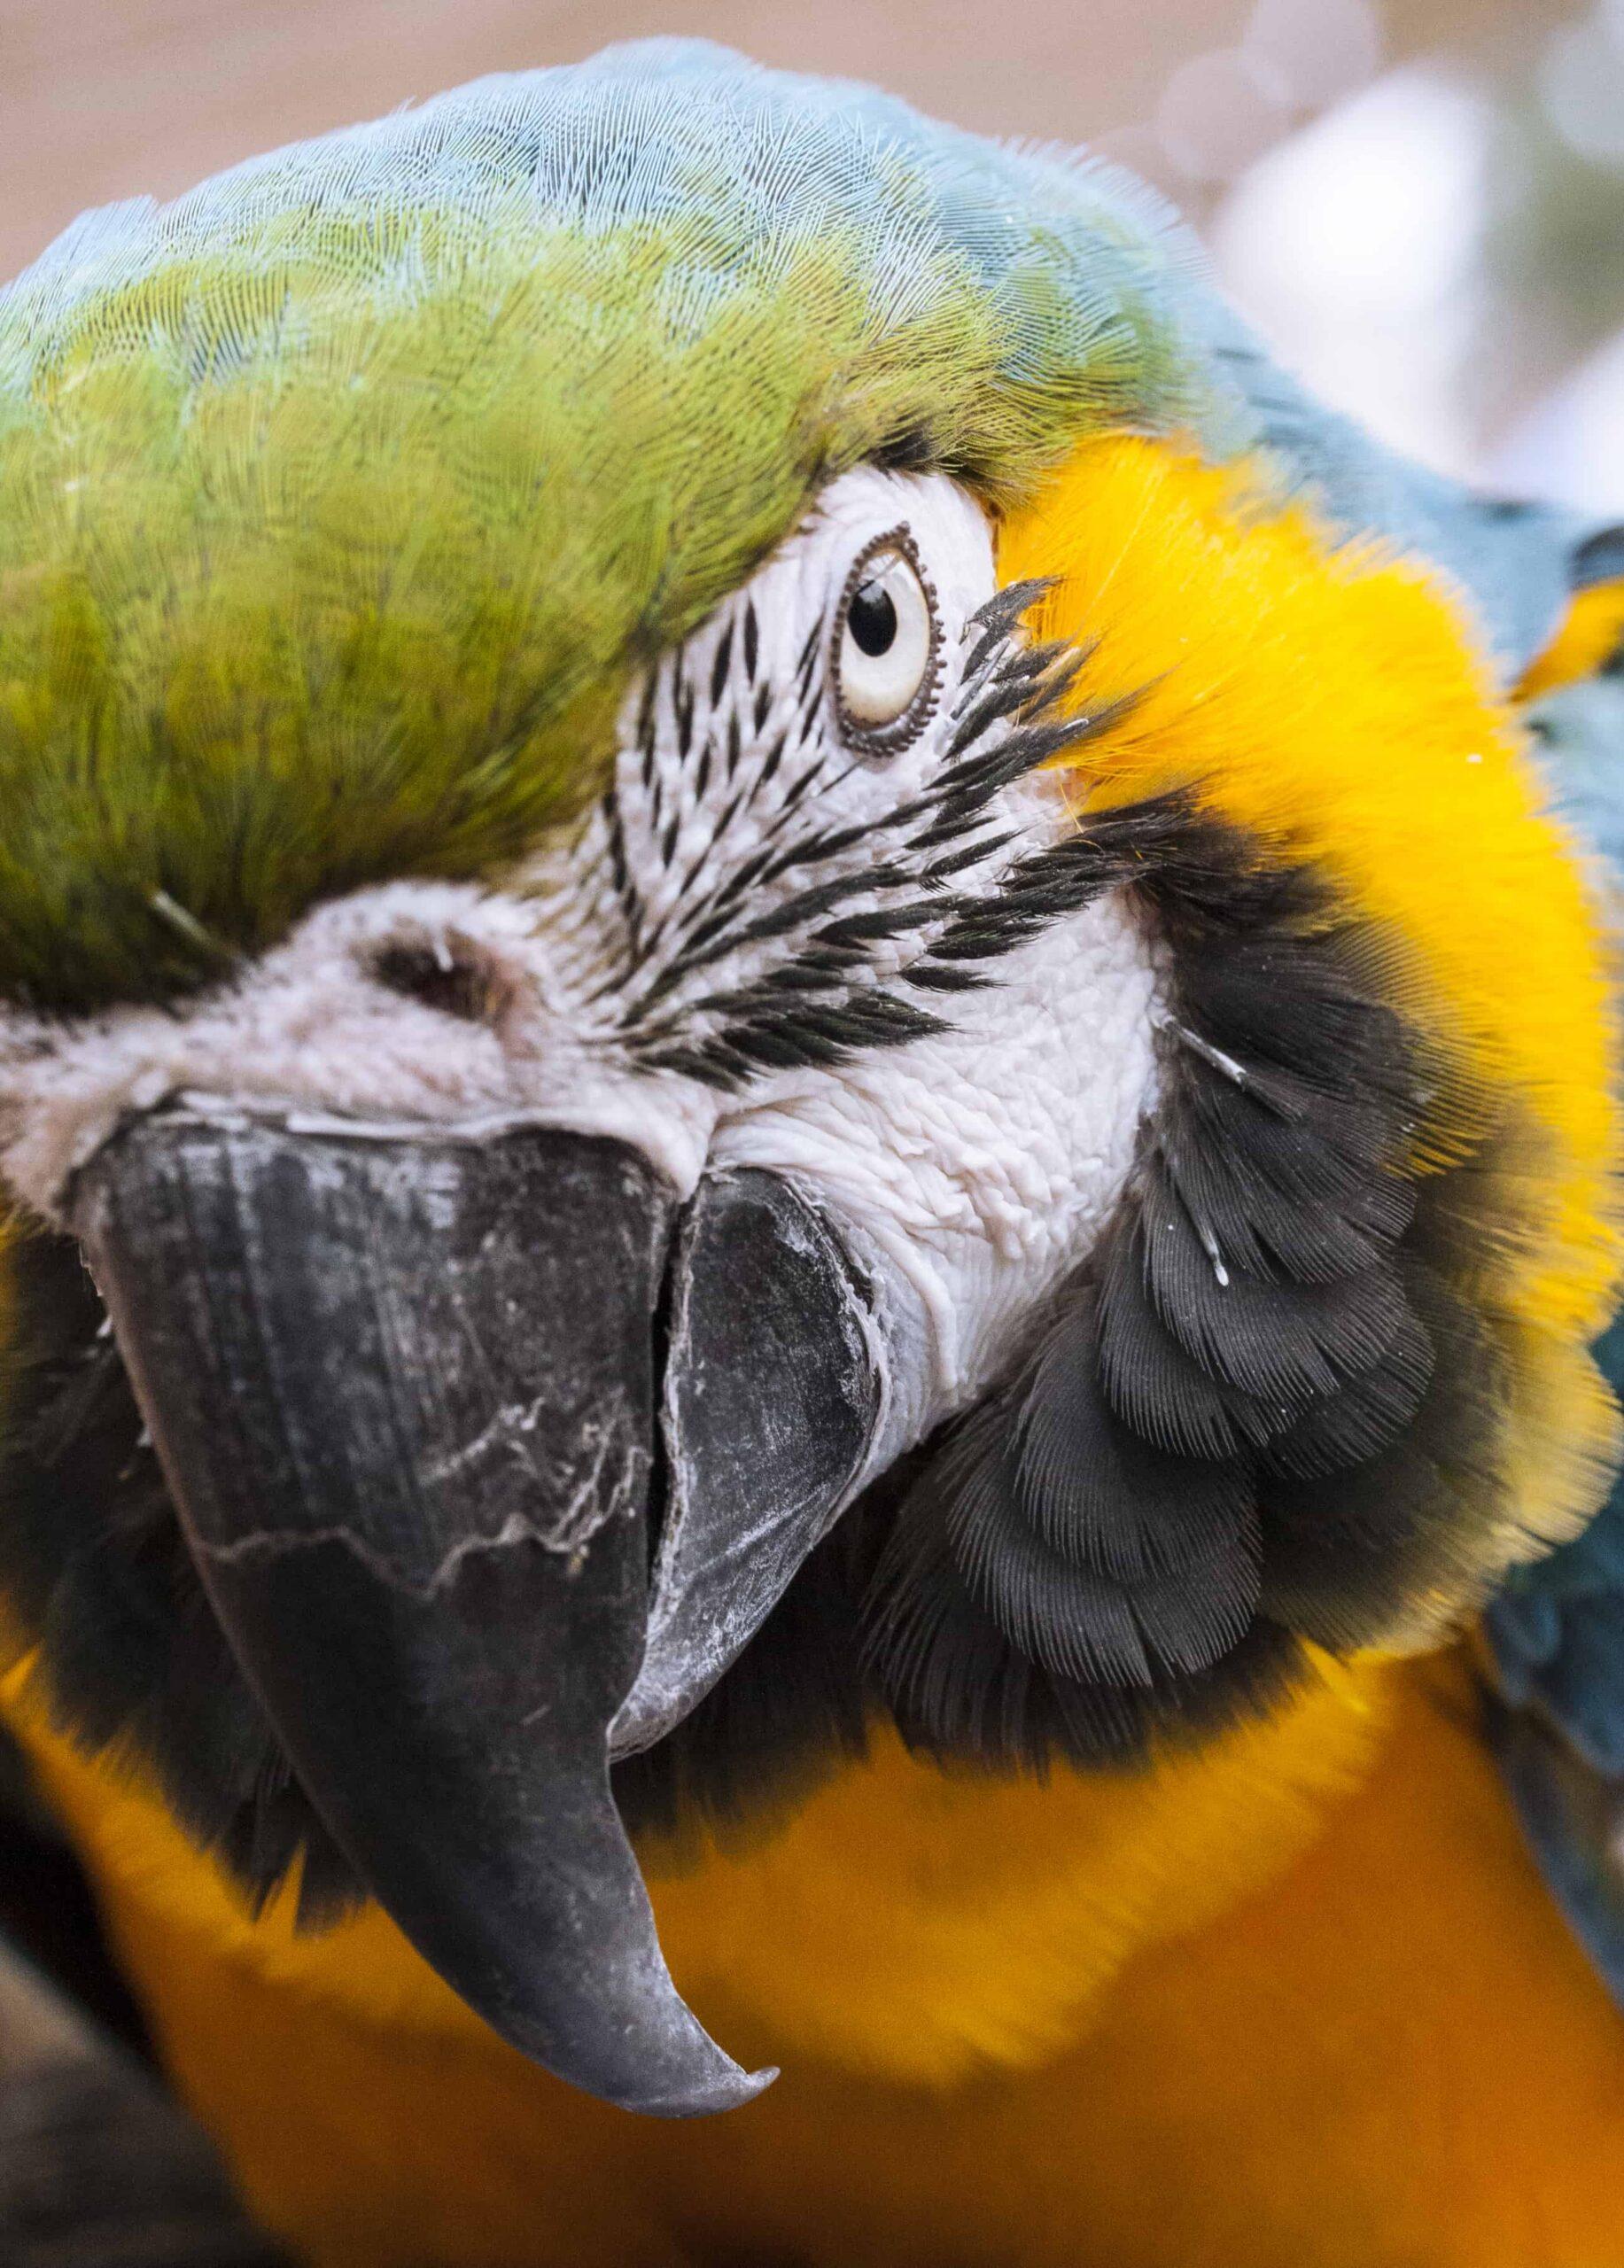 Amazon Papağanı ve Genel Özellikleri Nelerdir?